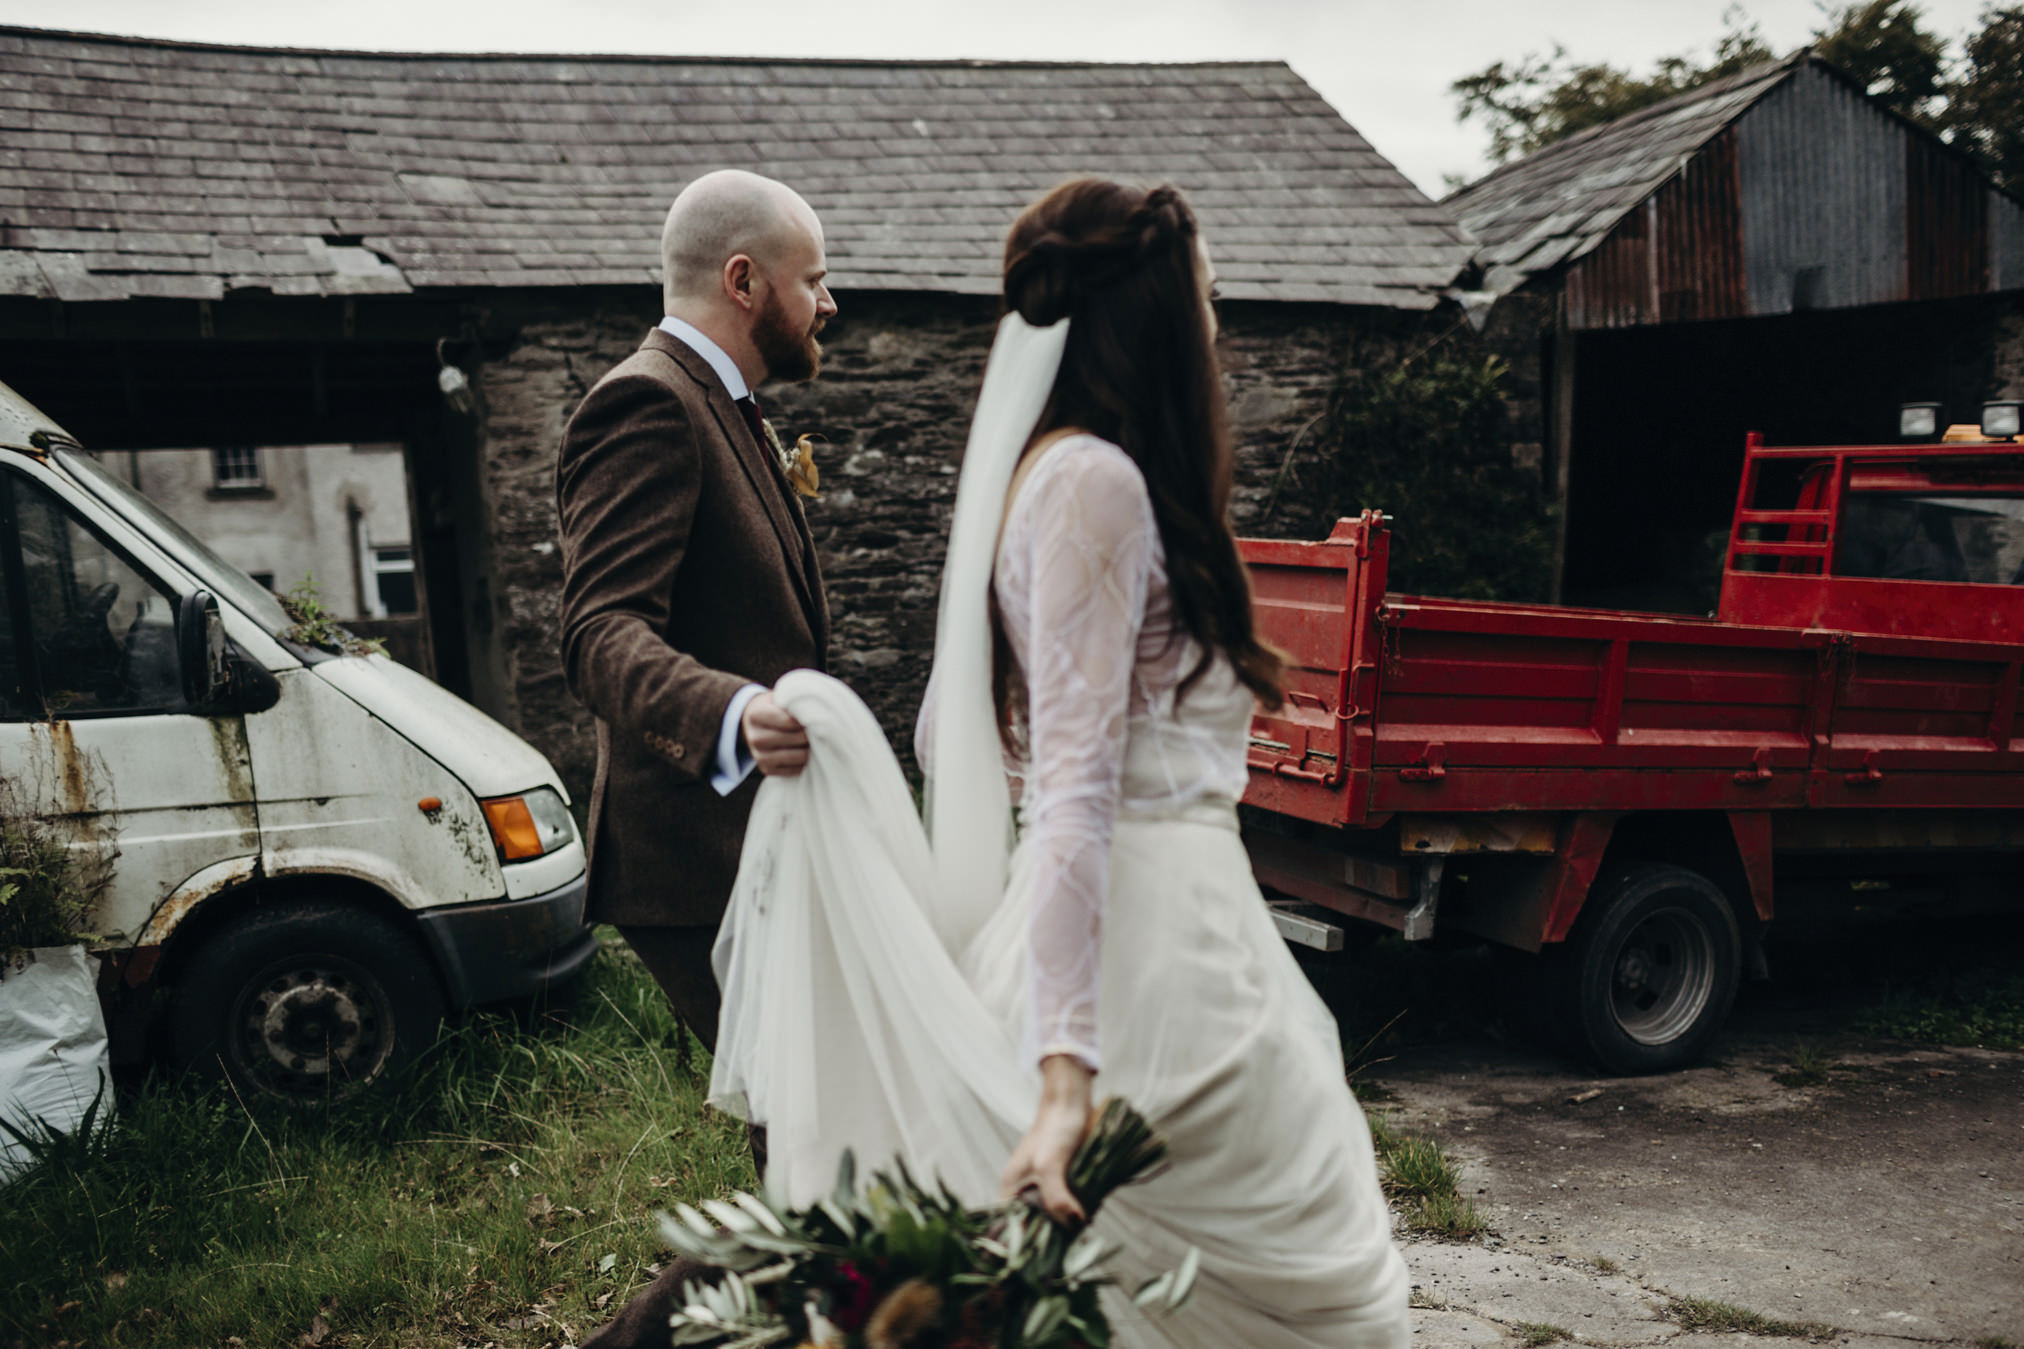 wedding photographer irelandGraciela Vilagudin Photography578.jpg